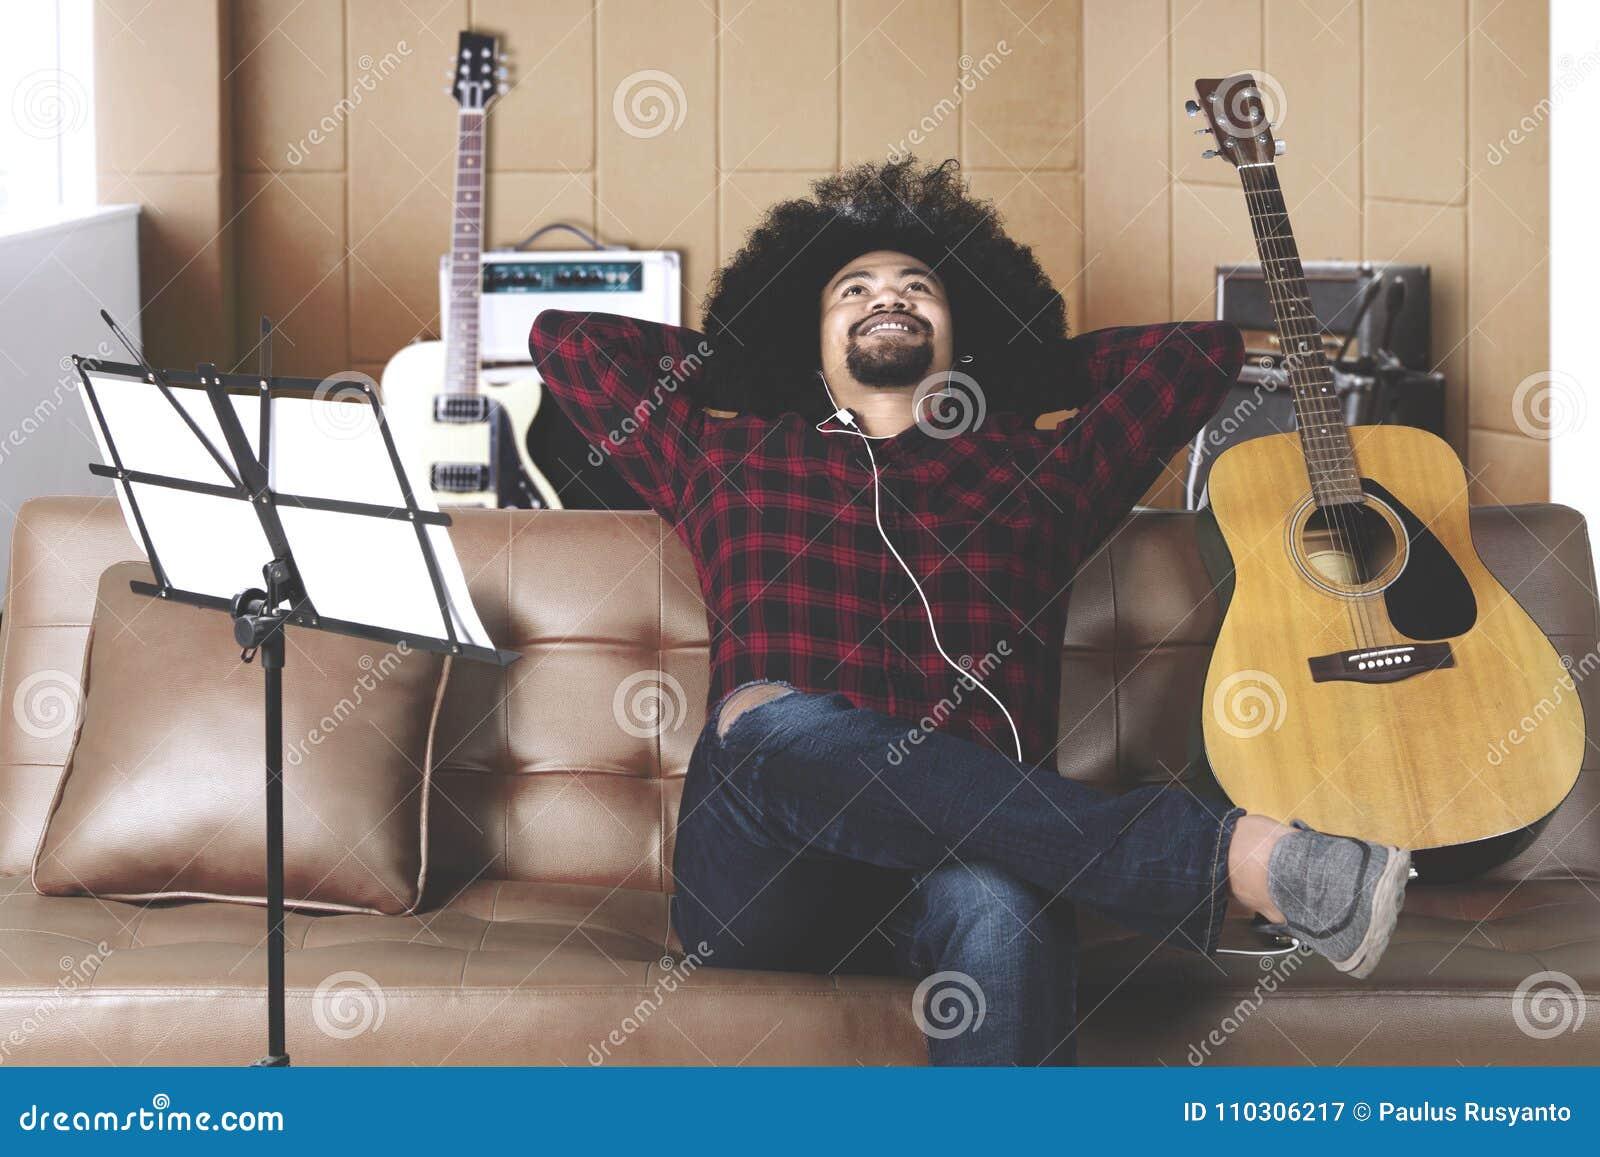 Muzyk słucha muzyczna znalezienie inspiracja pisać piosence